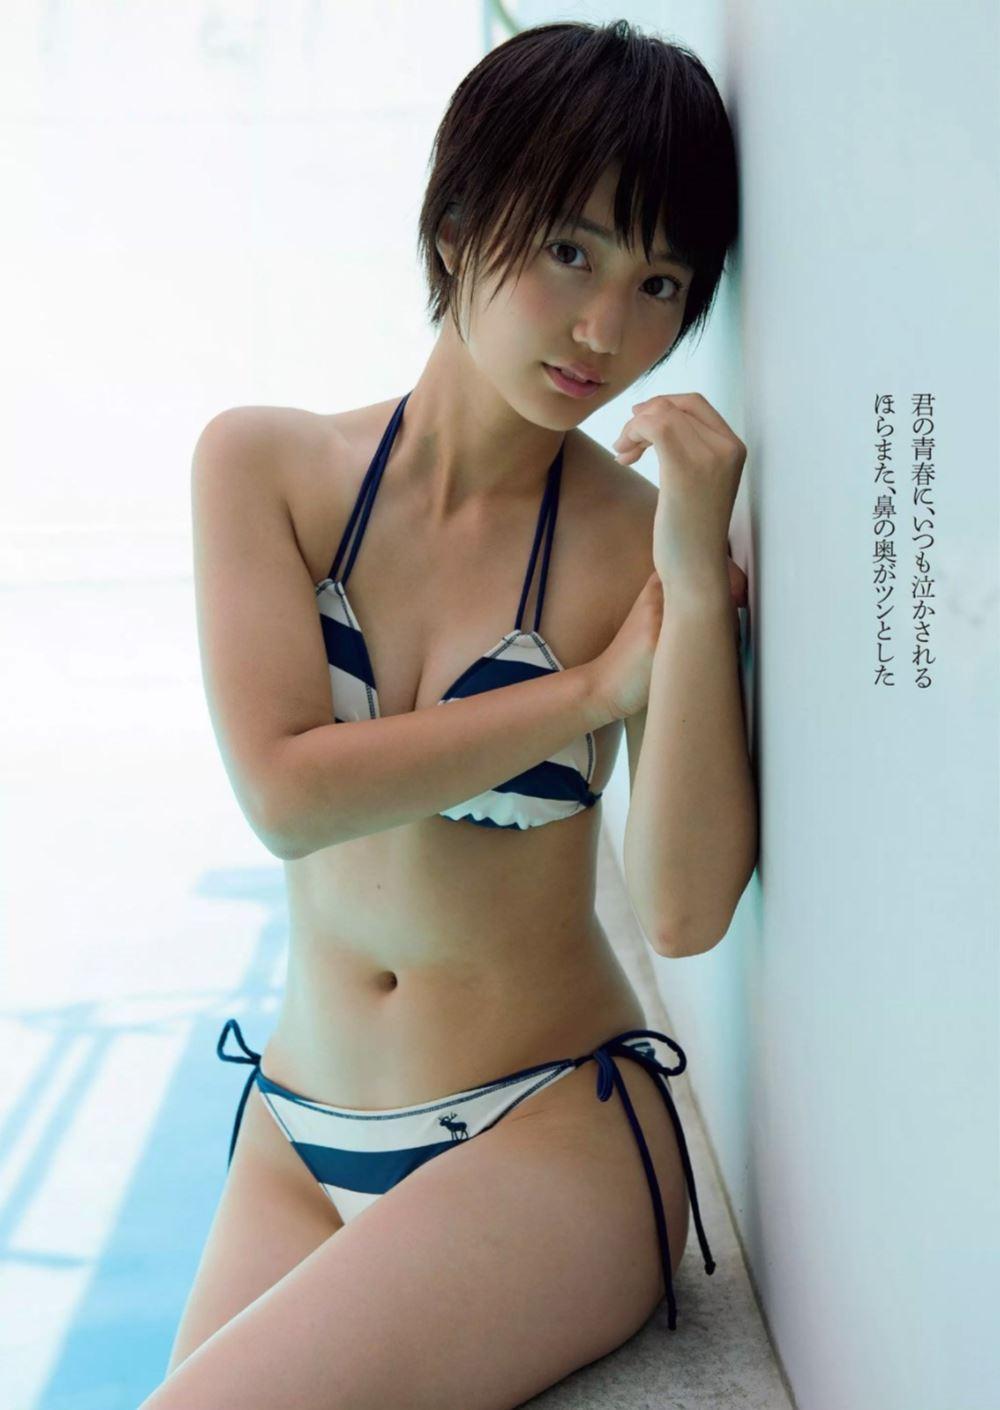 新井愛瞳 画像 22